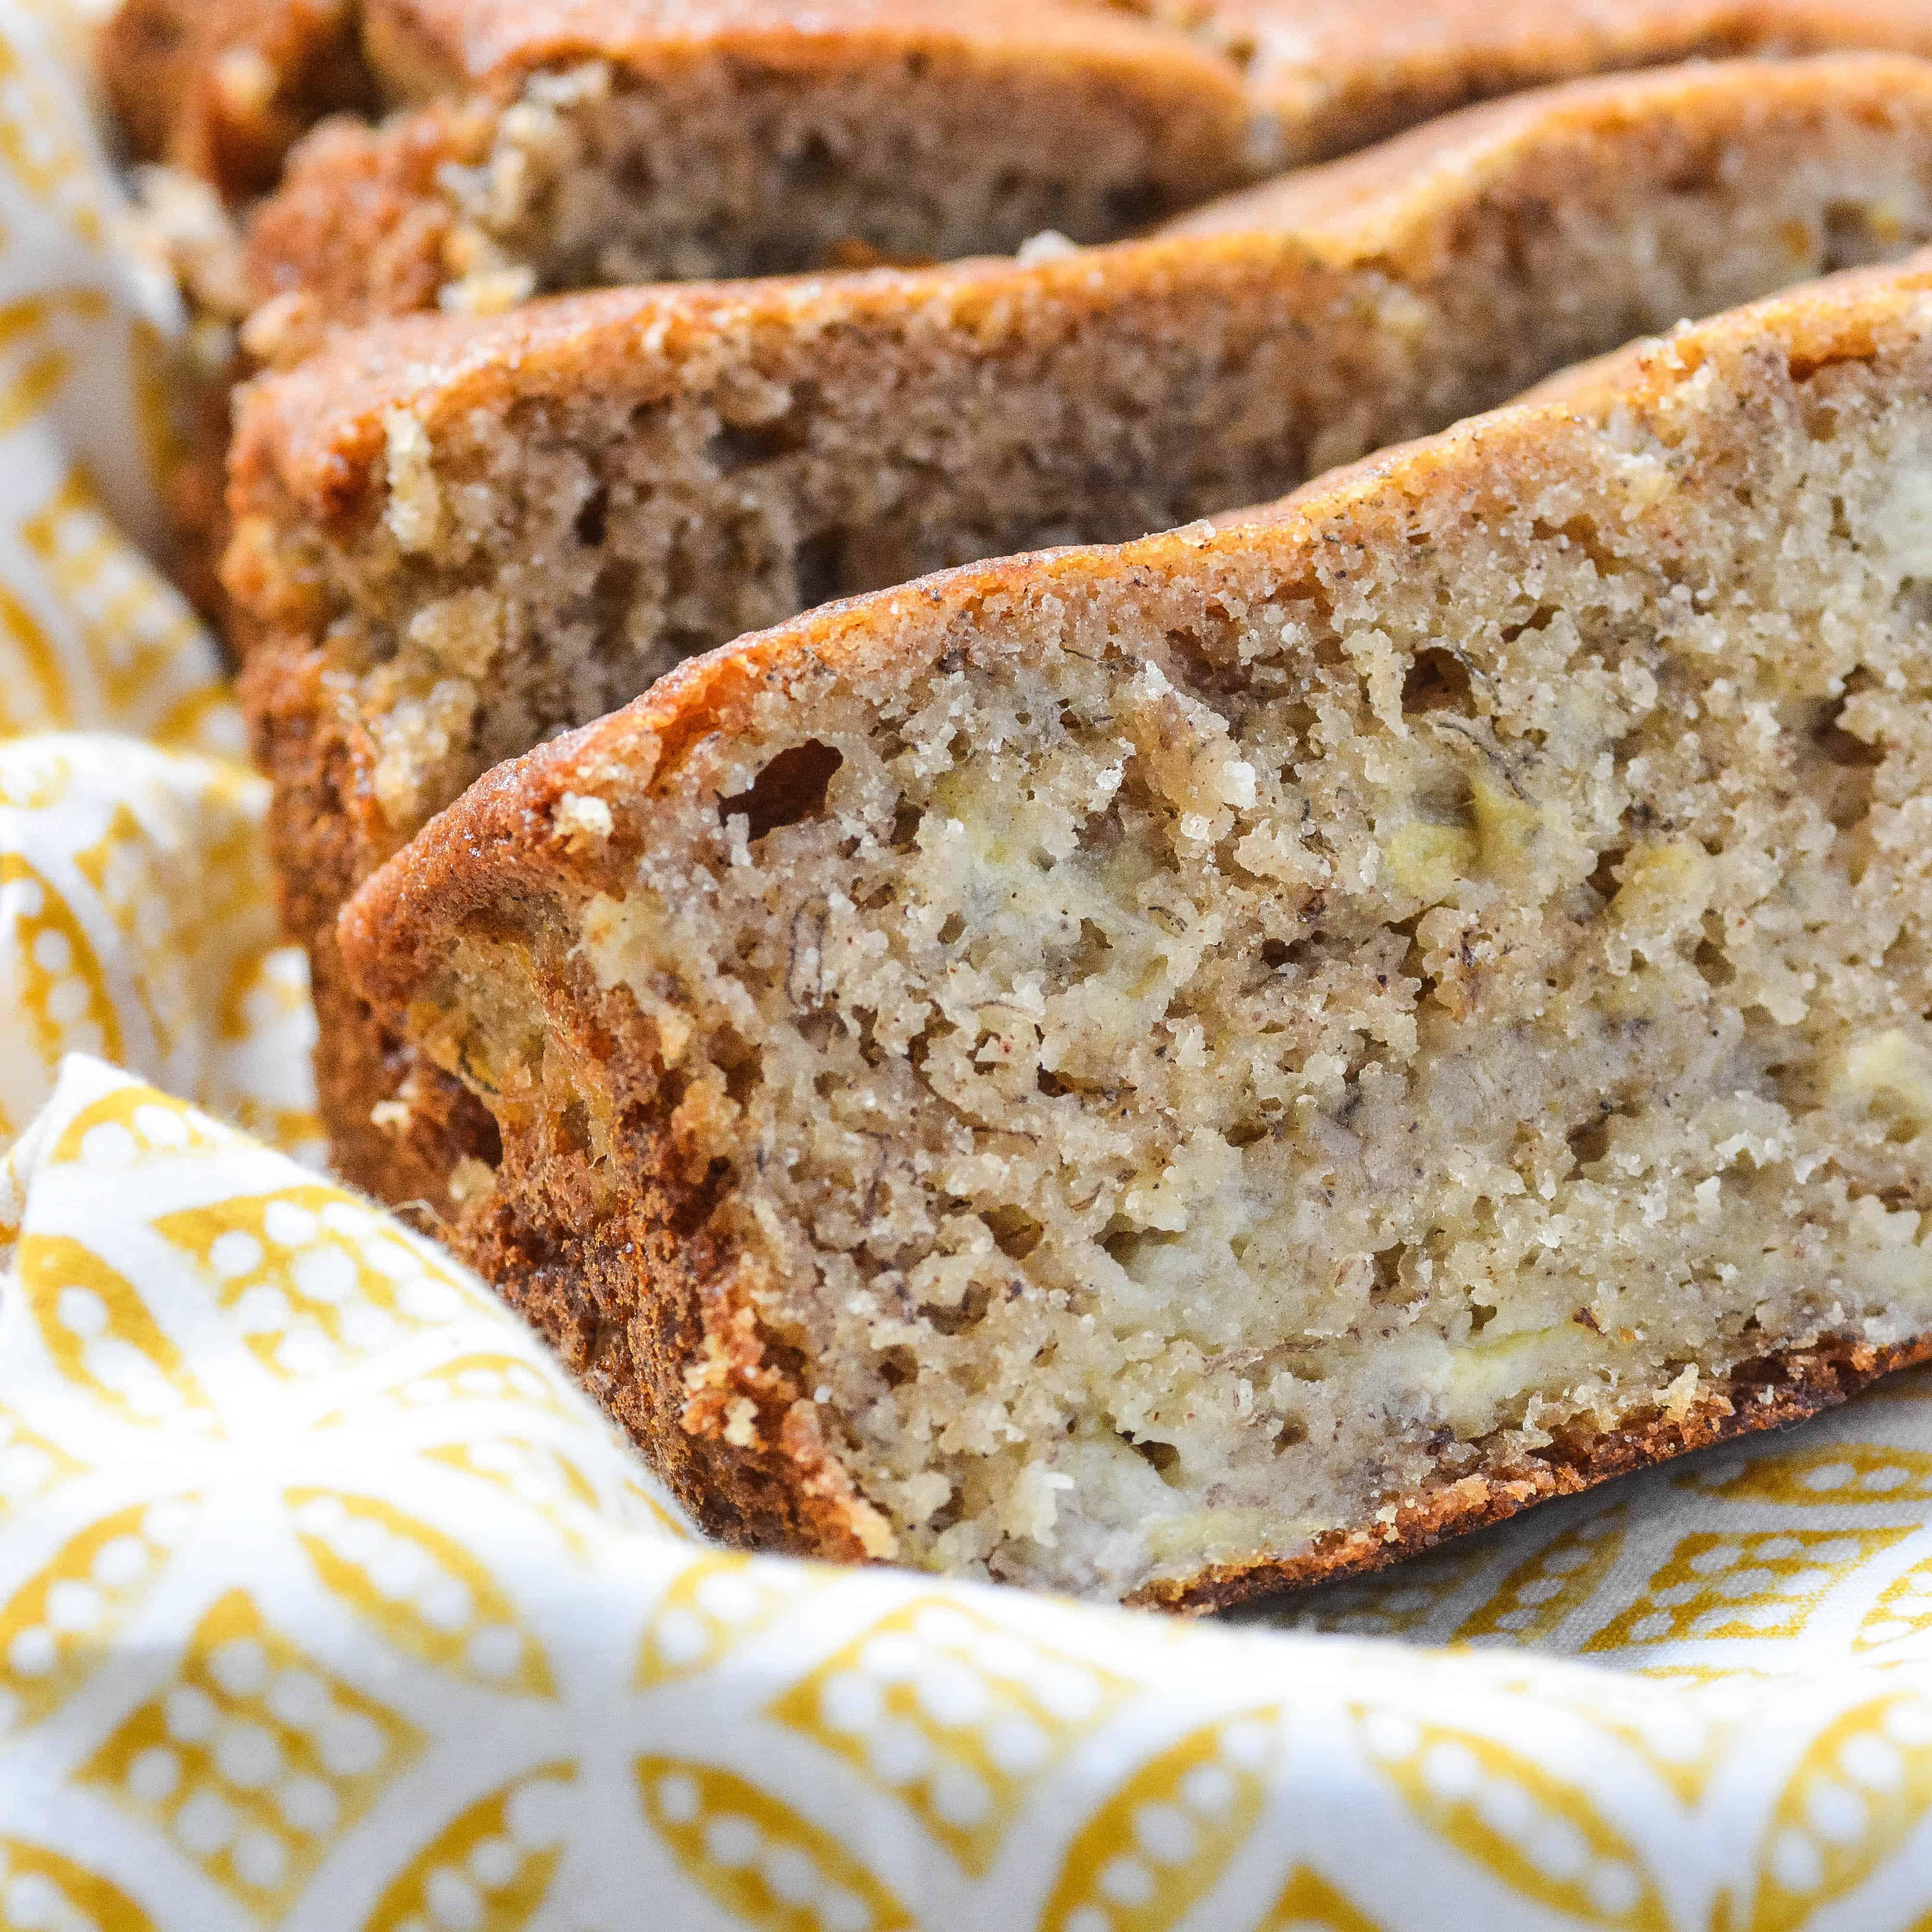 Delicious Grain-Free Banana Bread